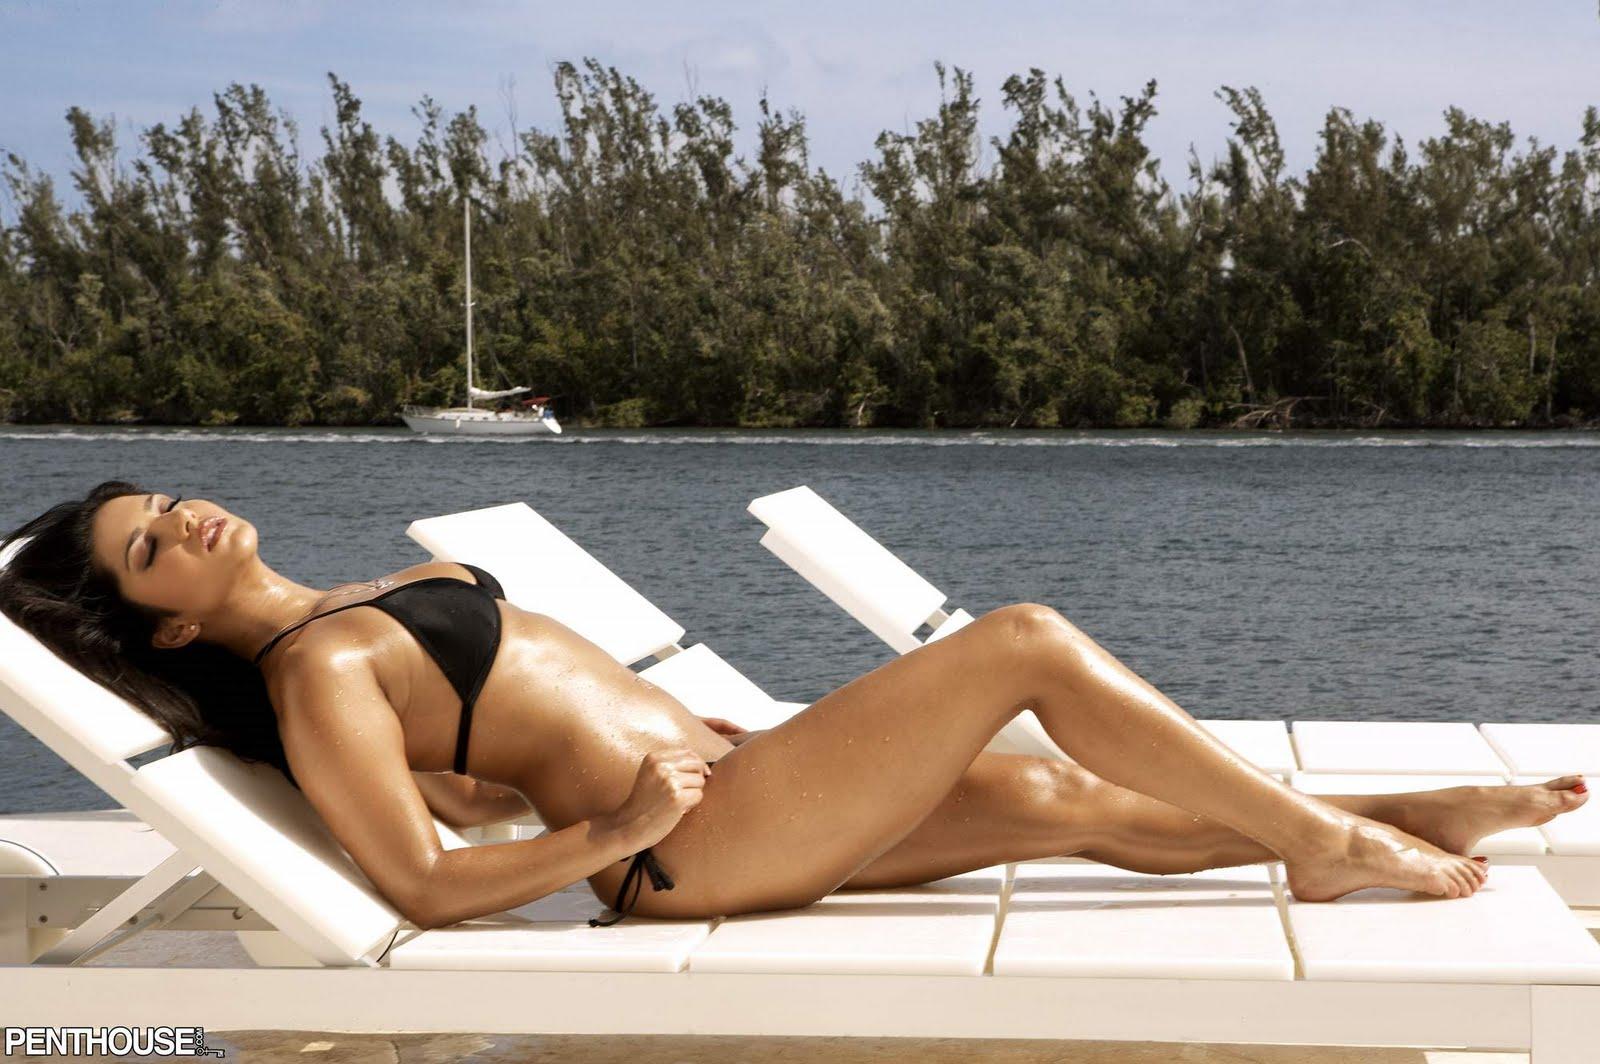 http://2.bp.blogspot.com/-va9Vc1mpGPk/TZRdMLNrHOI/AAAAAAAAMKY/XvoyQLKHag4/s1600/Katrina%2BKaif%2BHot%2BPics%2BWithout%2BClothes.jpg